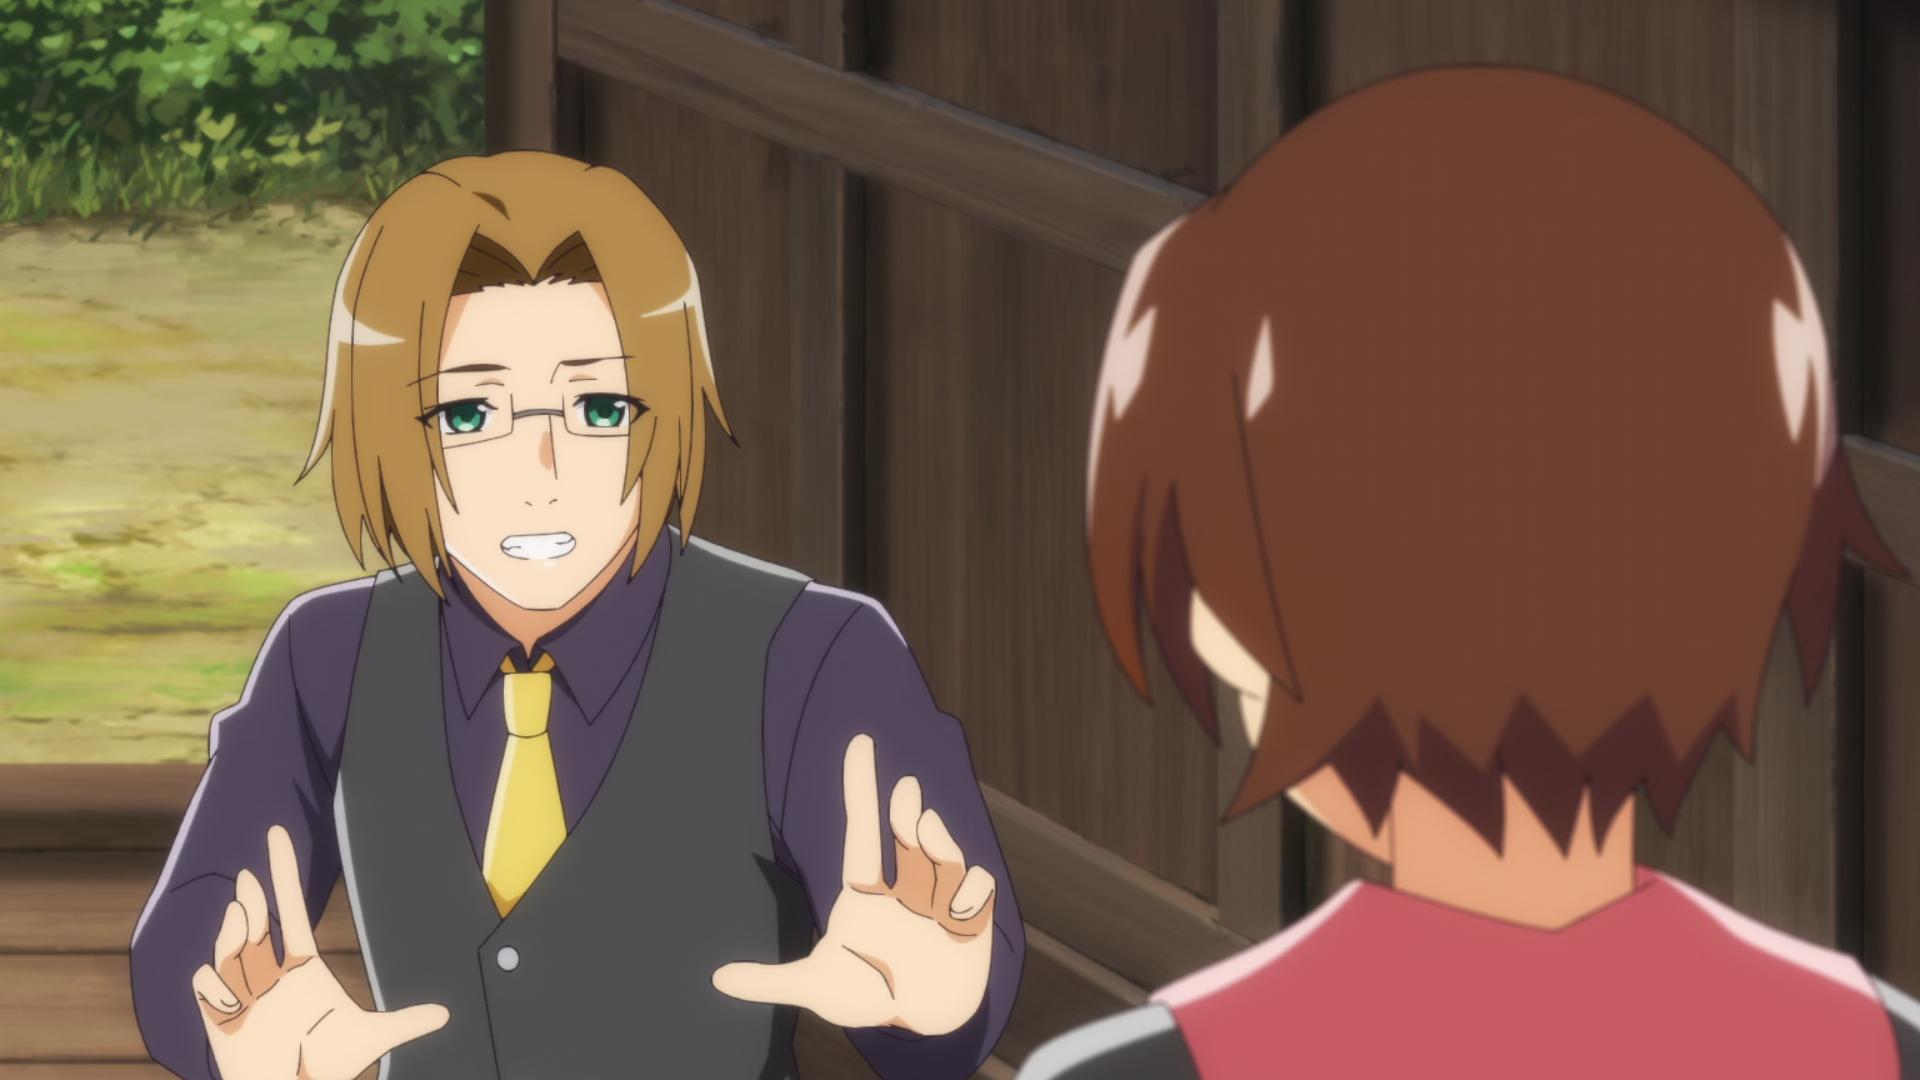 [Anime Time] Higurashi No Naku Koro Ni (2020) - 02 [1080p